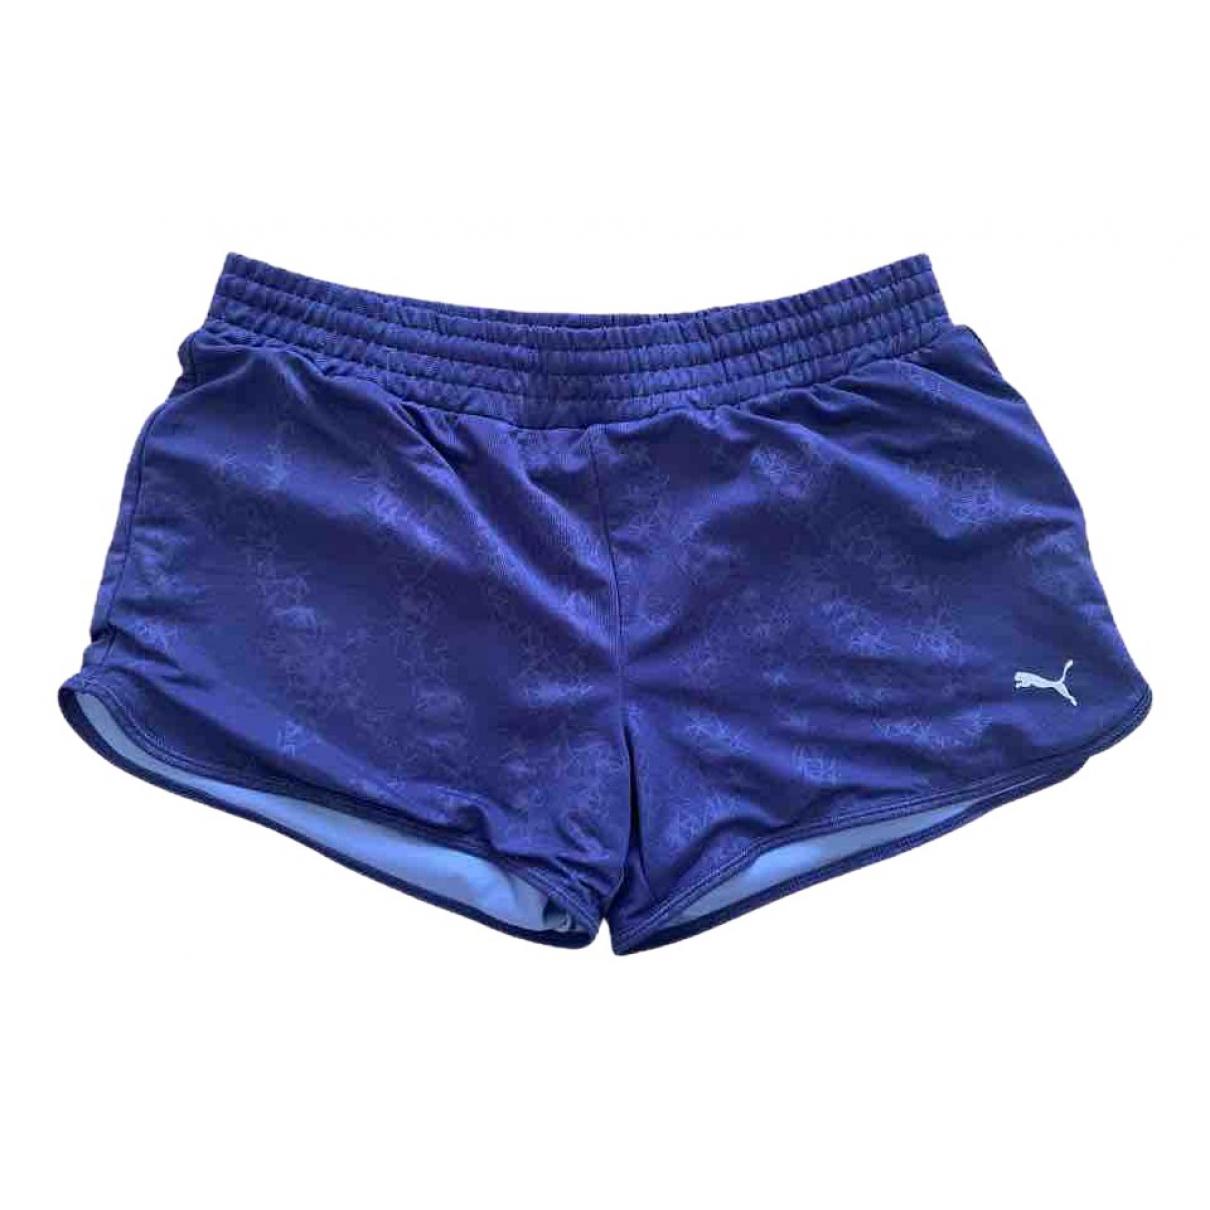 Puma \N Shorts in  Blau Synthetik